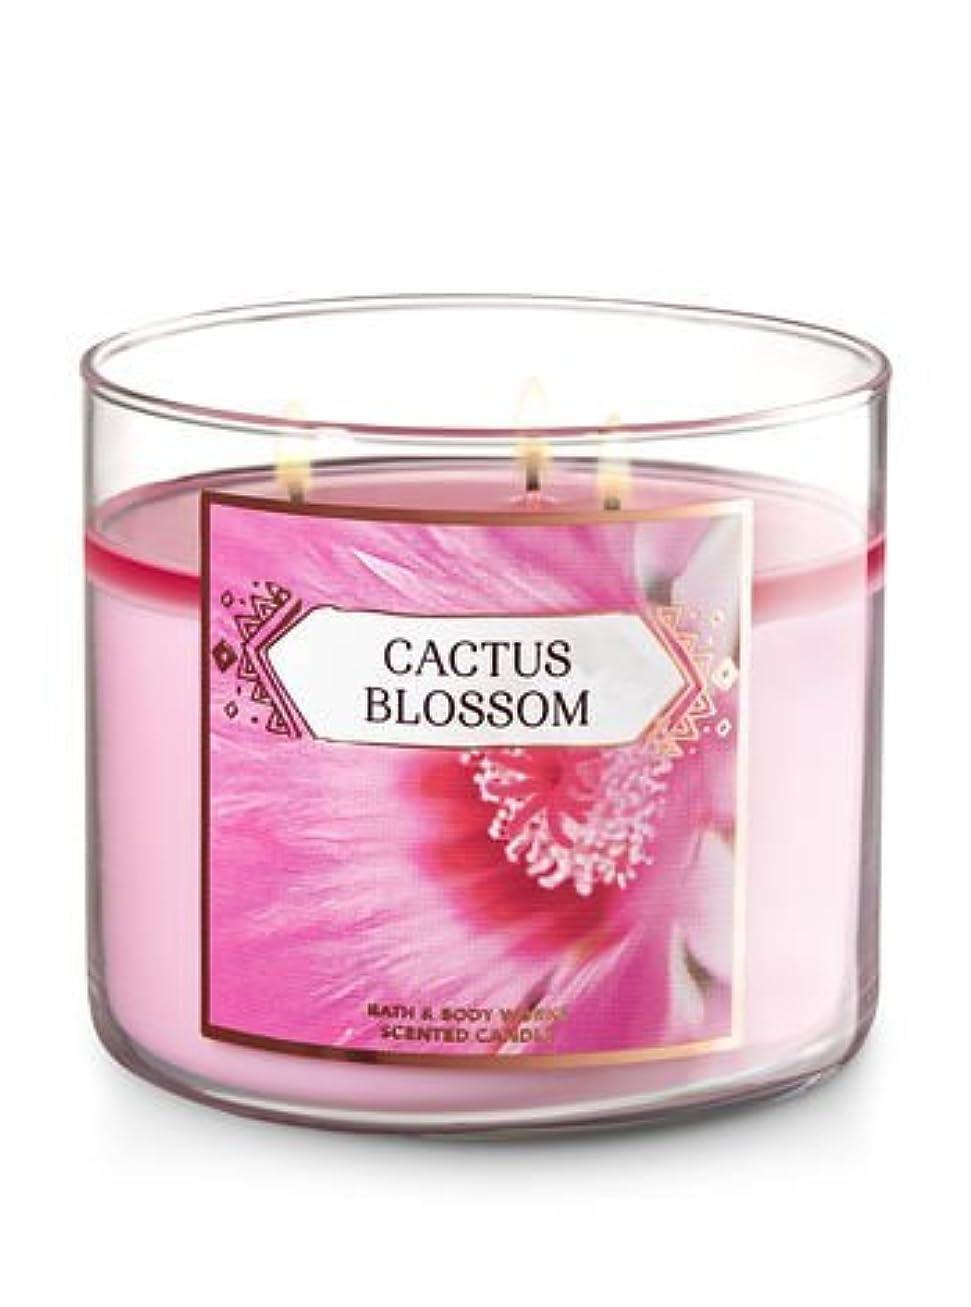 延期する許す好ましいBath and Body Works 3-wick Scented Candle Cactus Blossom 14.5オンス